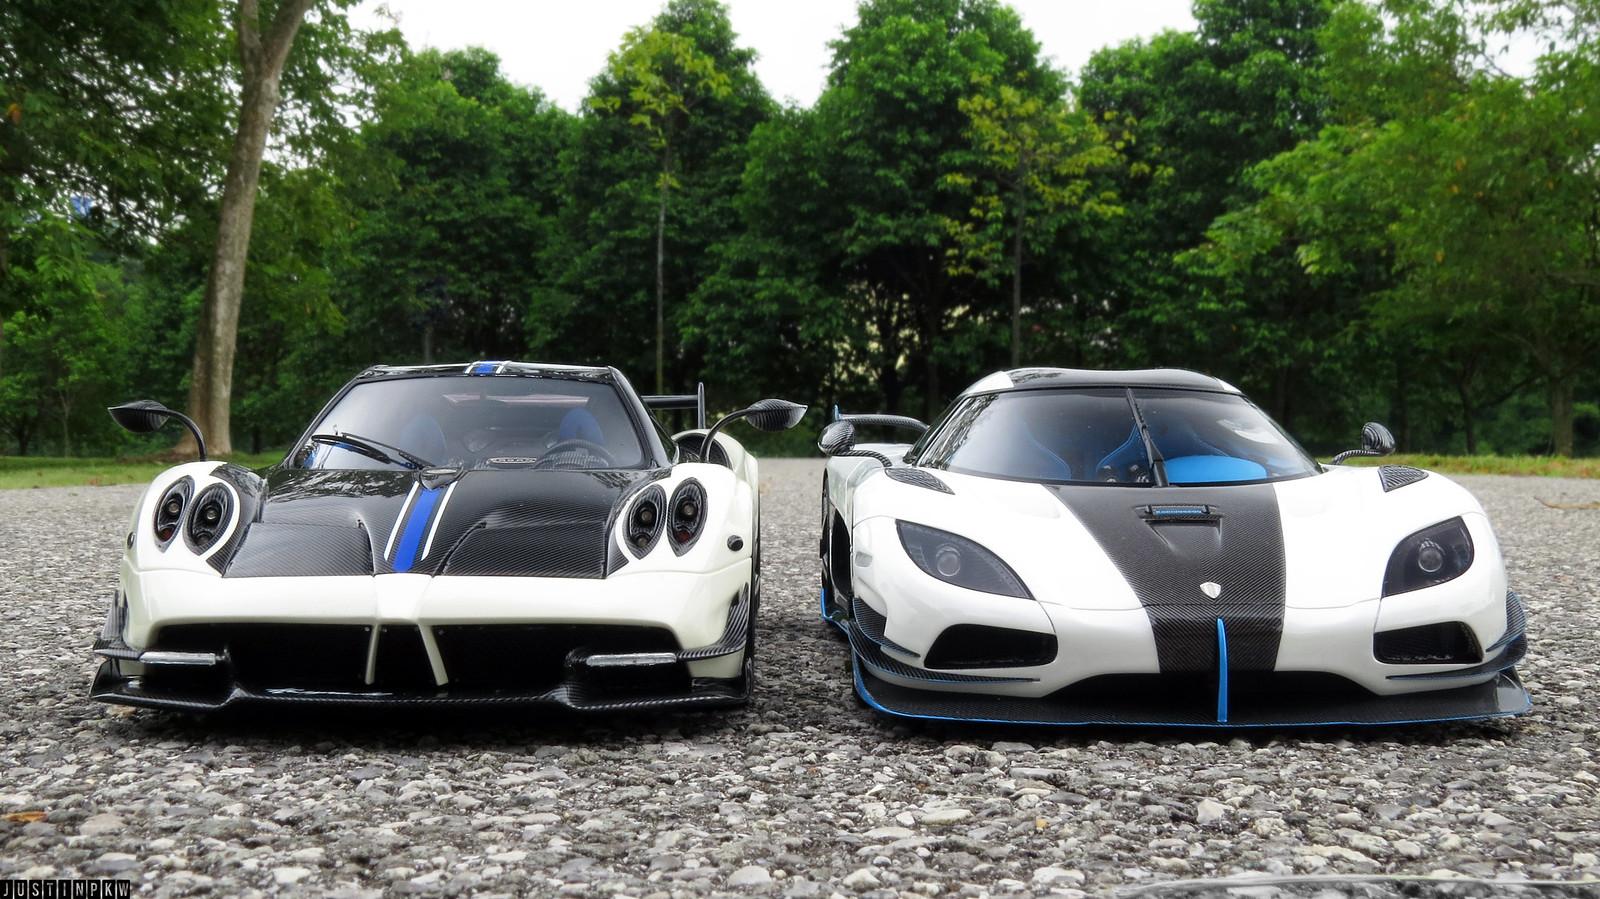 pagani huayra bc / koenigsegg agera rs1 - dx exotics | sports cars